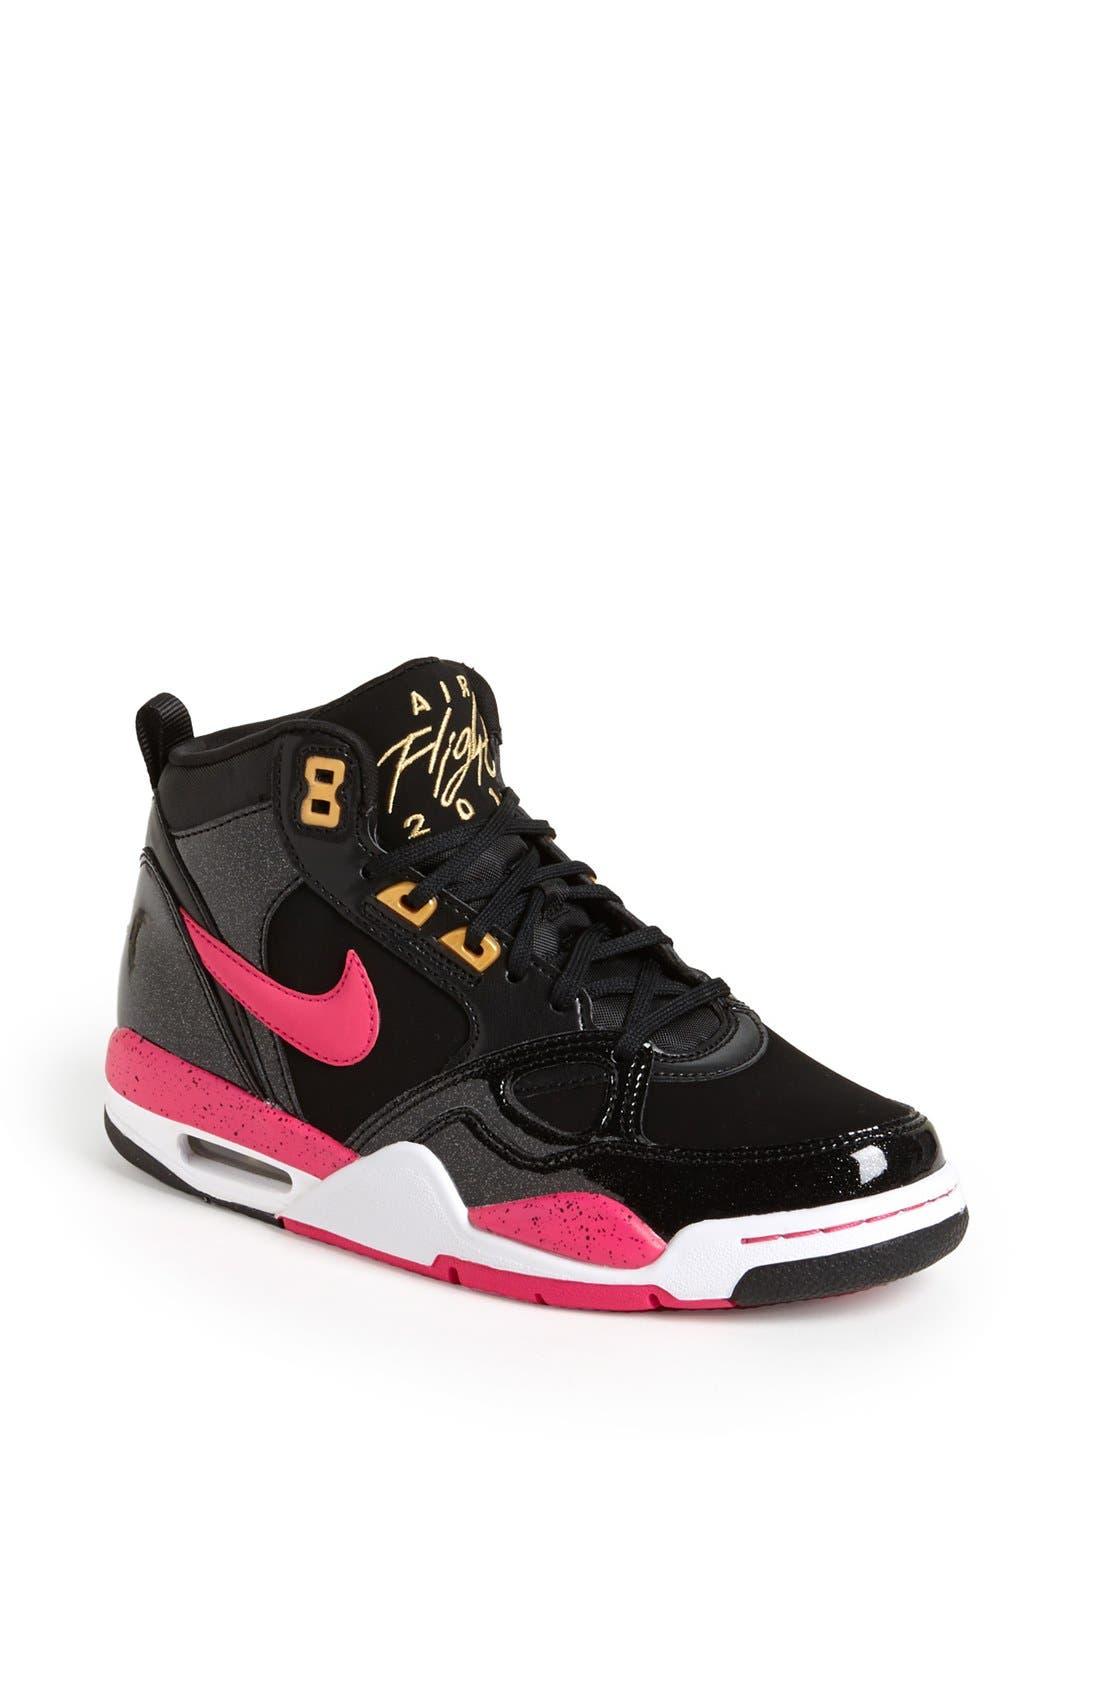 Main Image - Nike 'Flight '13 Mid' Sneaker (Women)